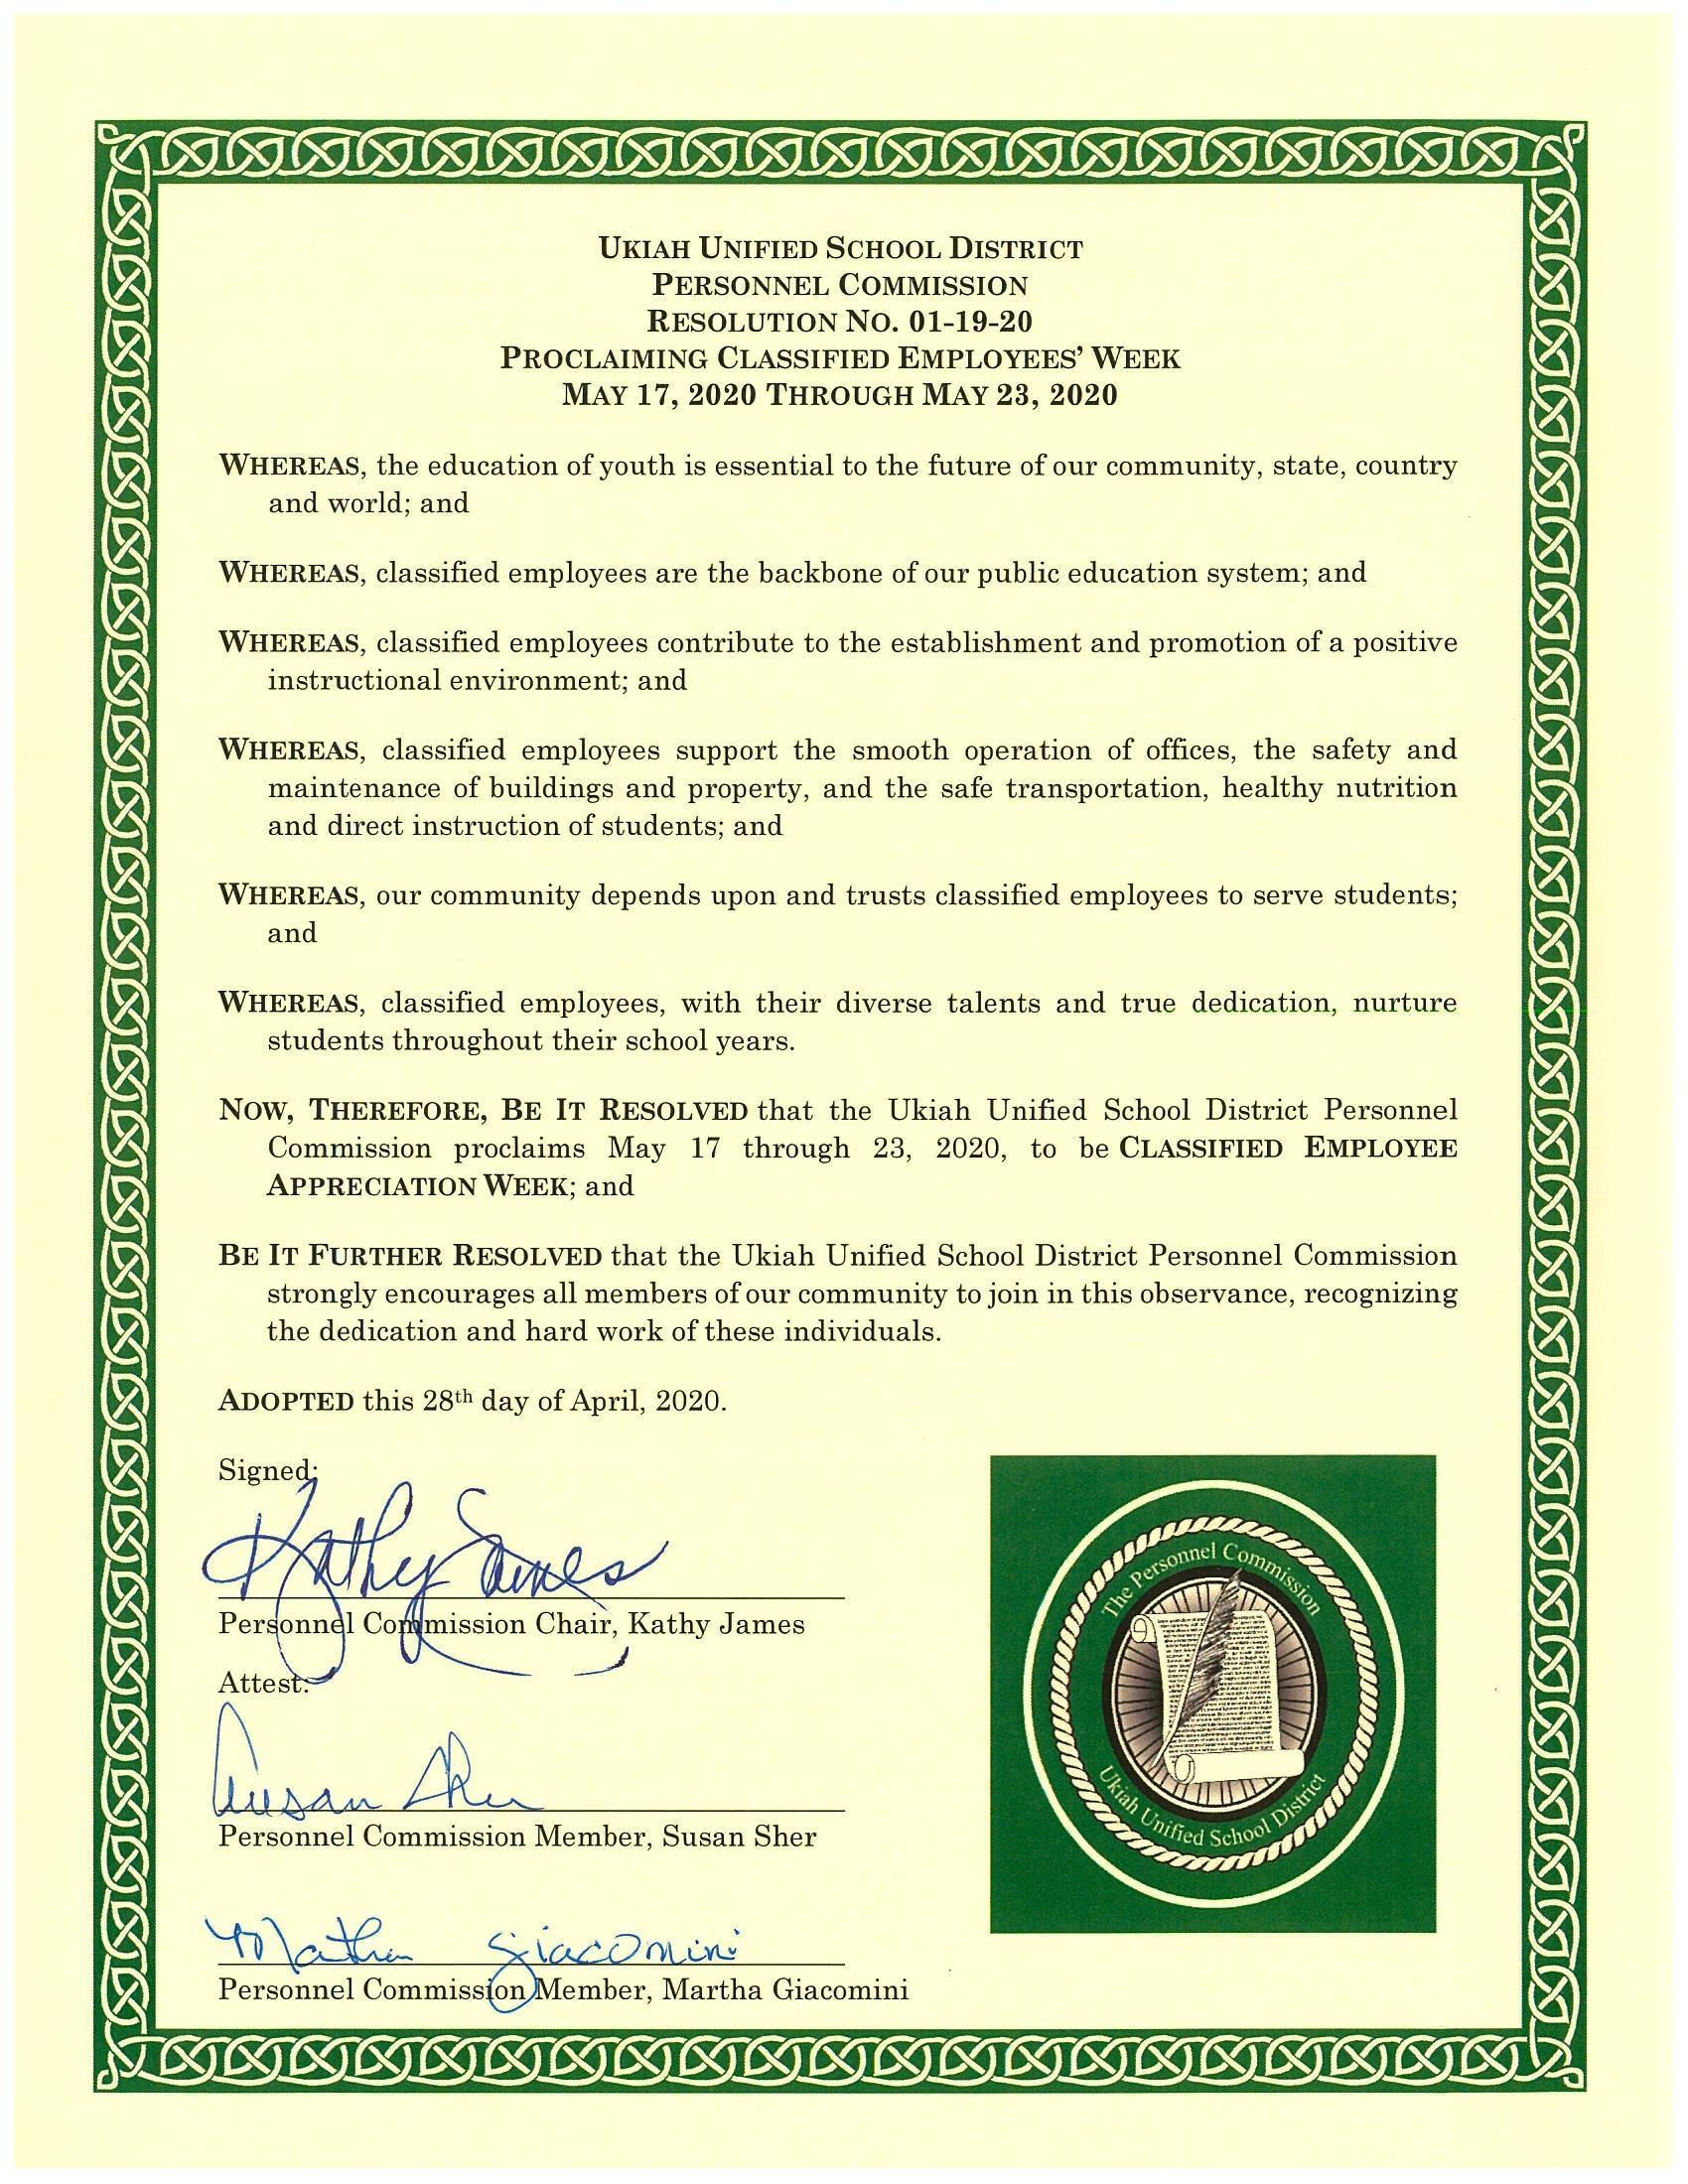 Classified Employee Appreciation Week Proclamation